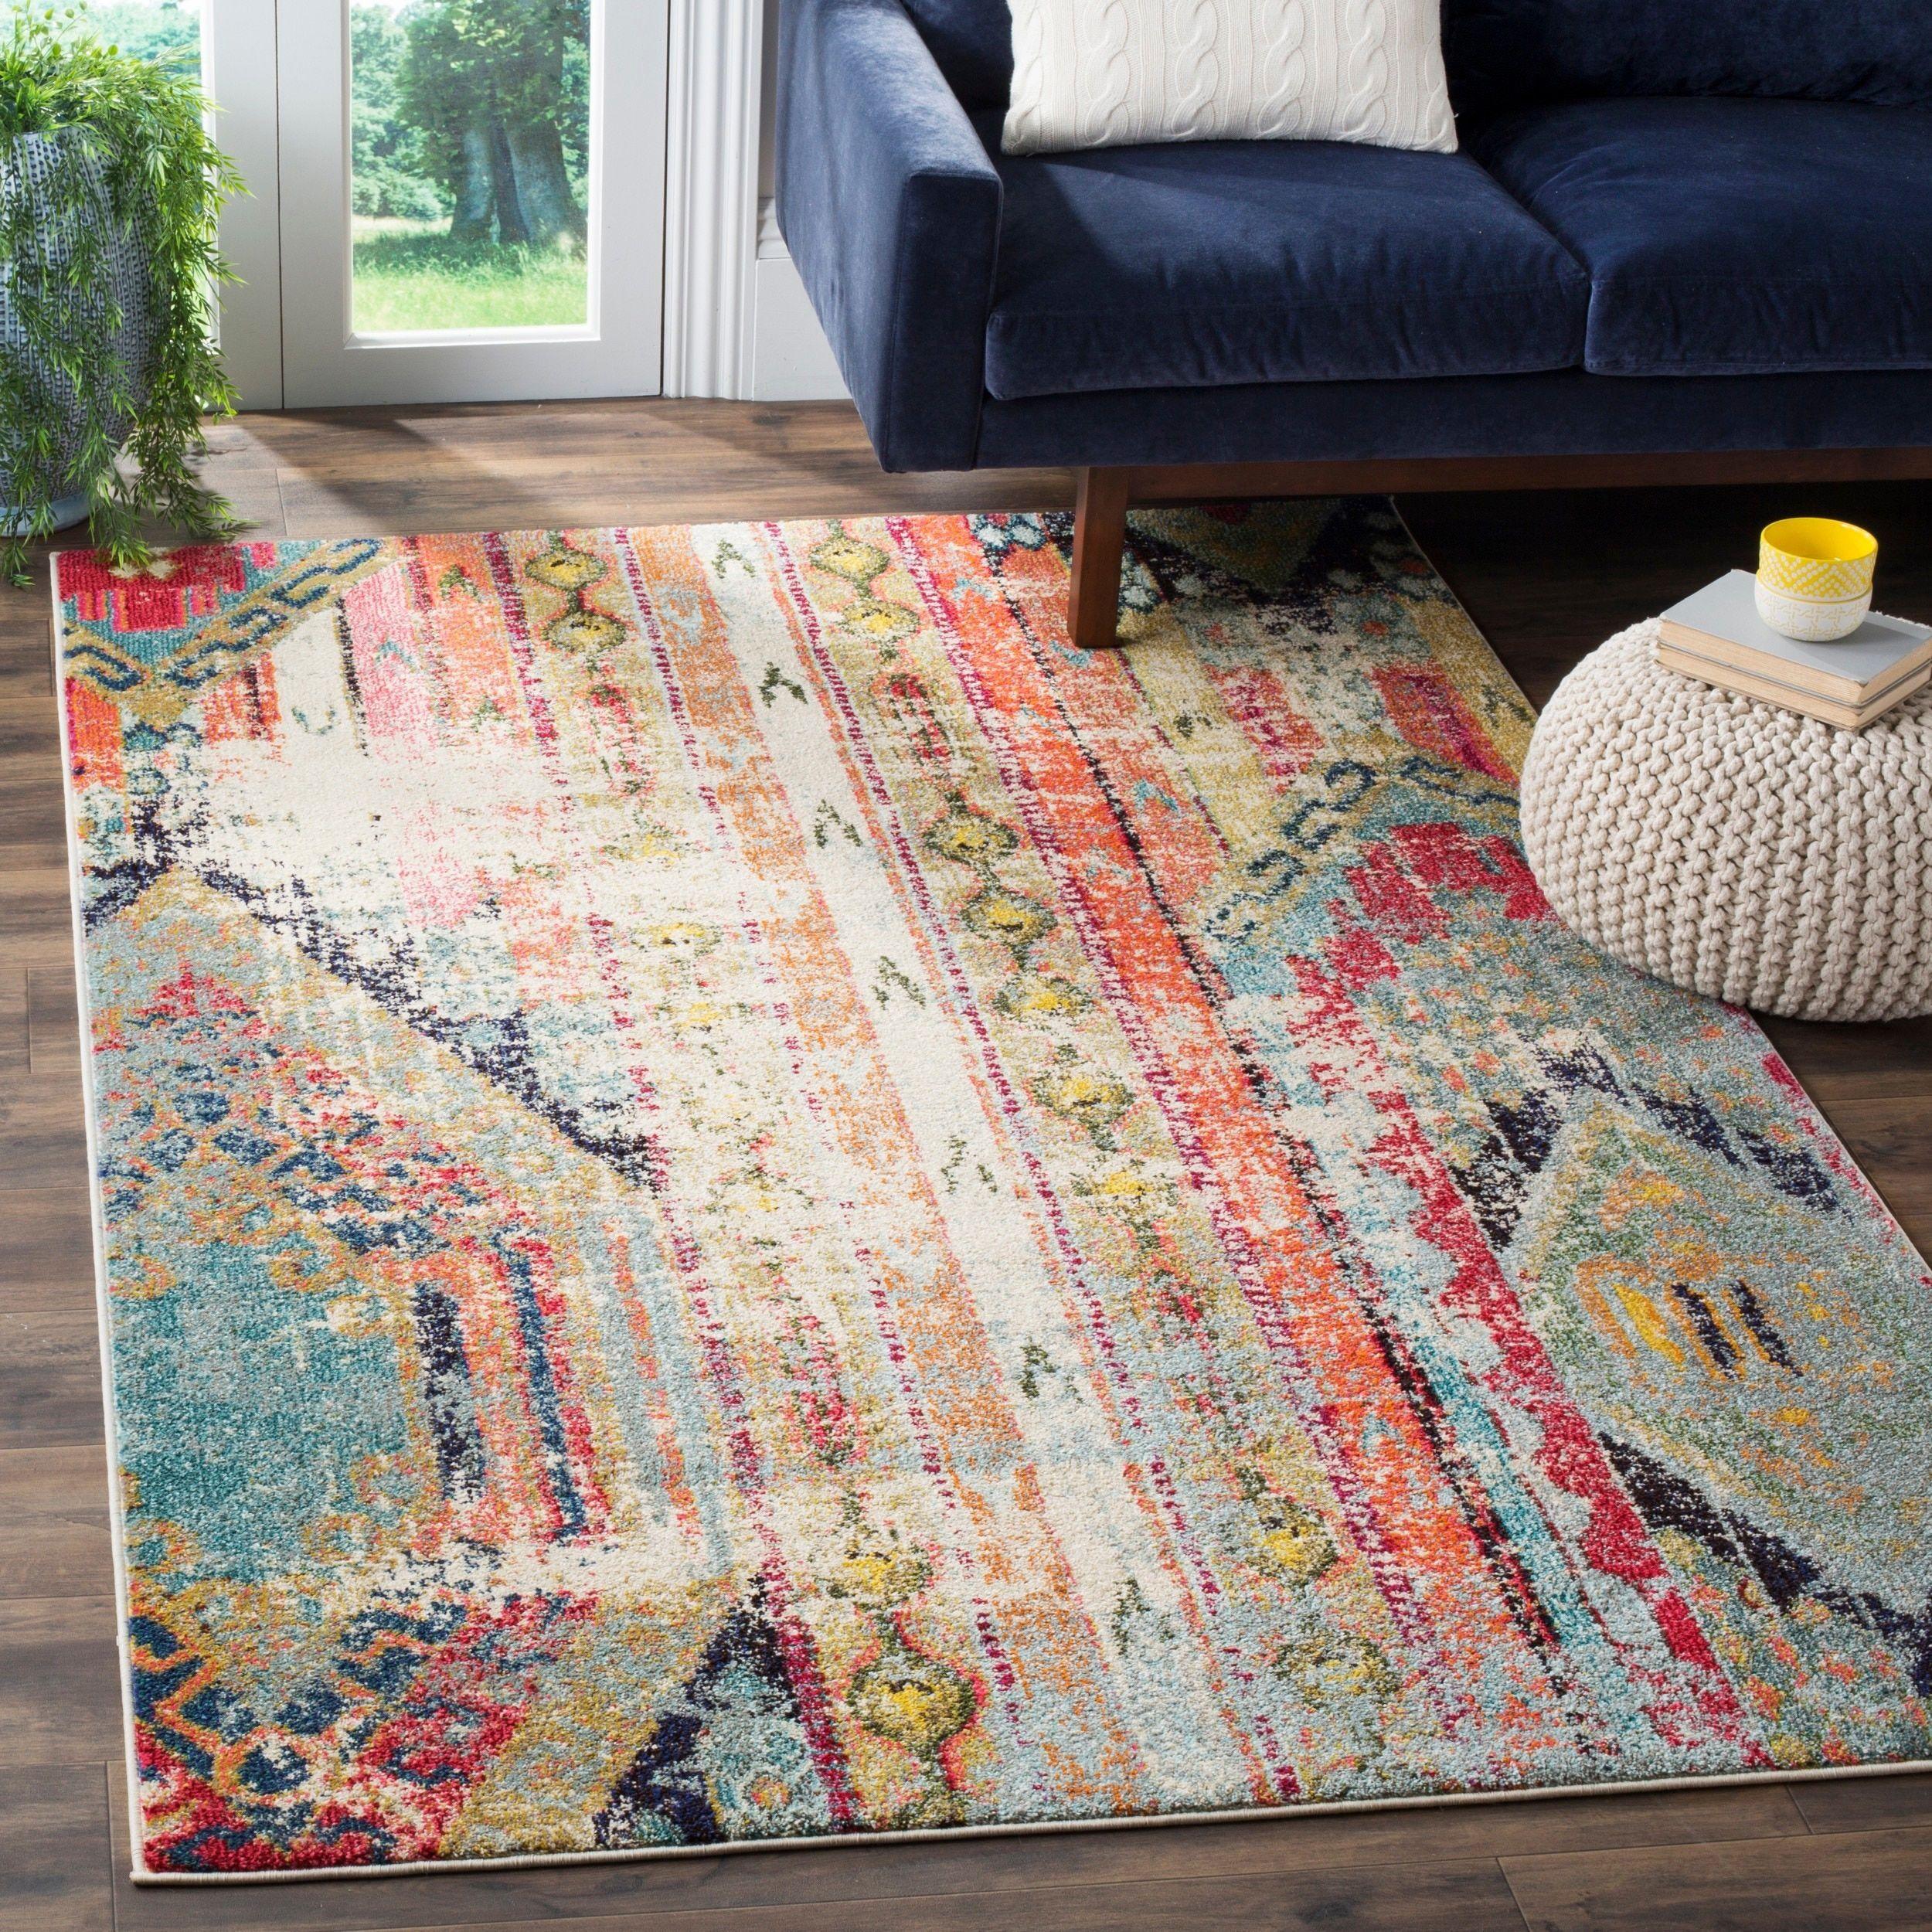 Living Room  3x5 Rugs - 3535516131e61e905ef684df0302c7e9_Amazing Living Room  3x5 Rugs - 3535516131e61e905ef684df0302c7e9  Collection_913133.jpg